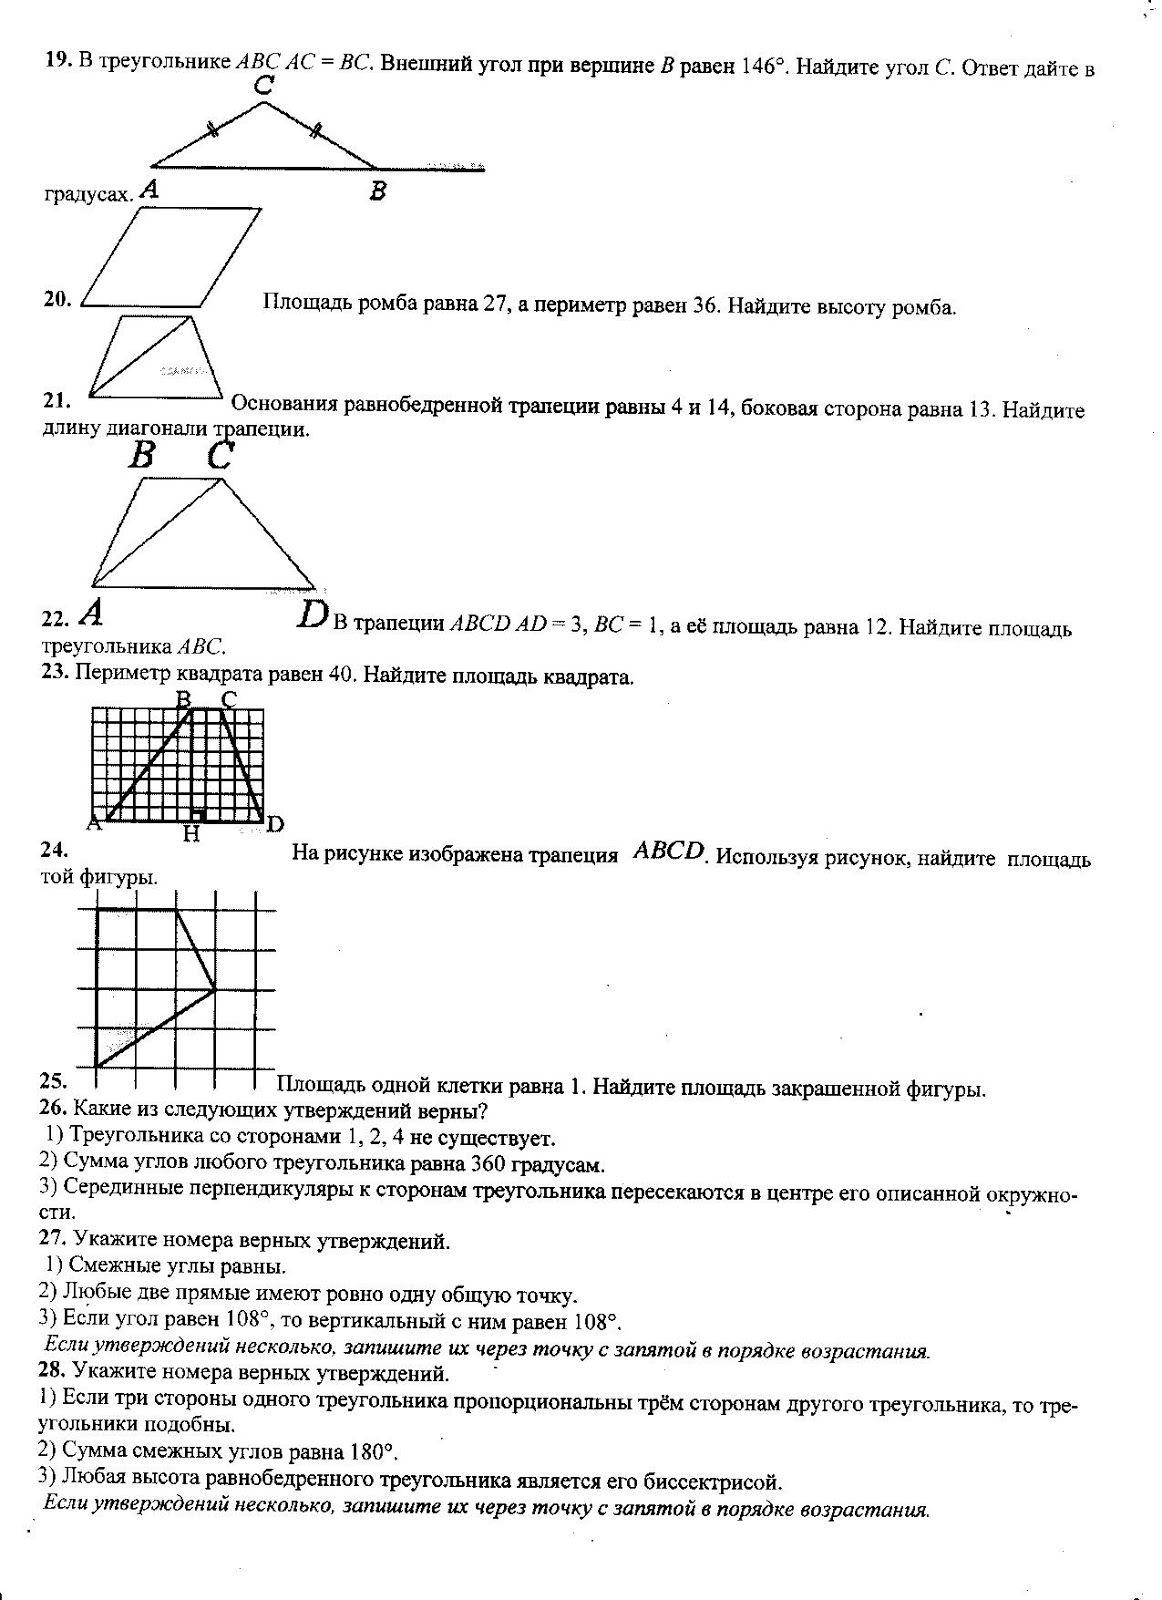 Математика 2 класс часть 2 демидова ответы скачать торрент